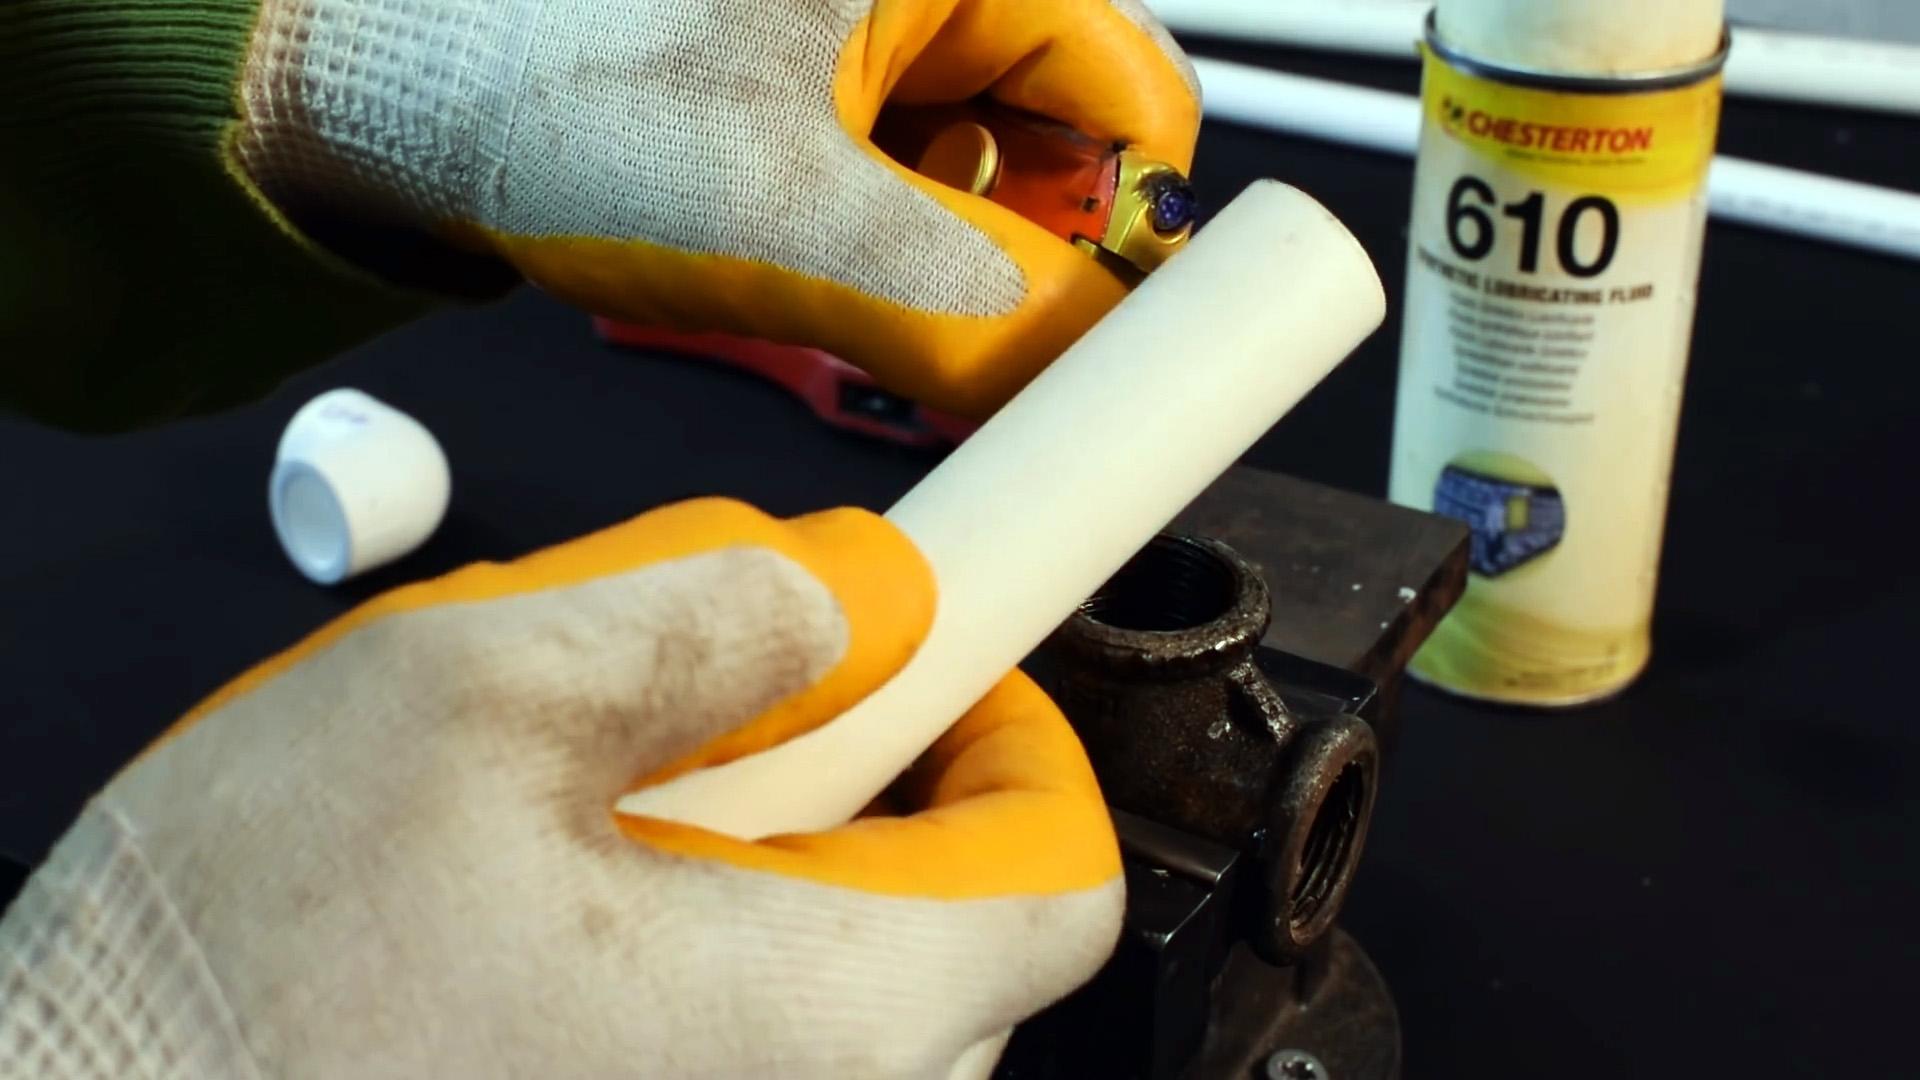 Как сделать резьбовое разборное соединение пластиковых труб без пайки